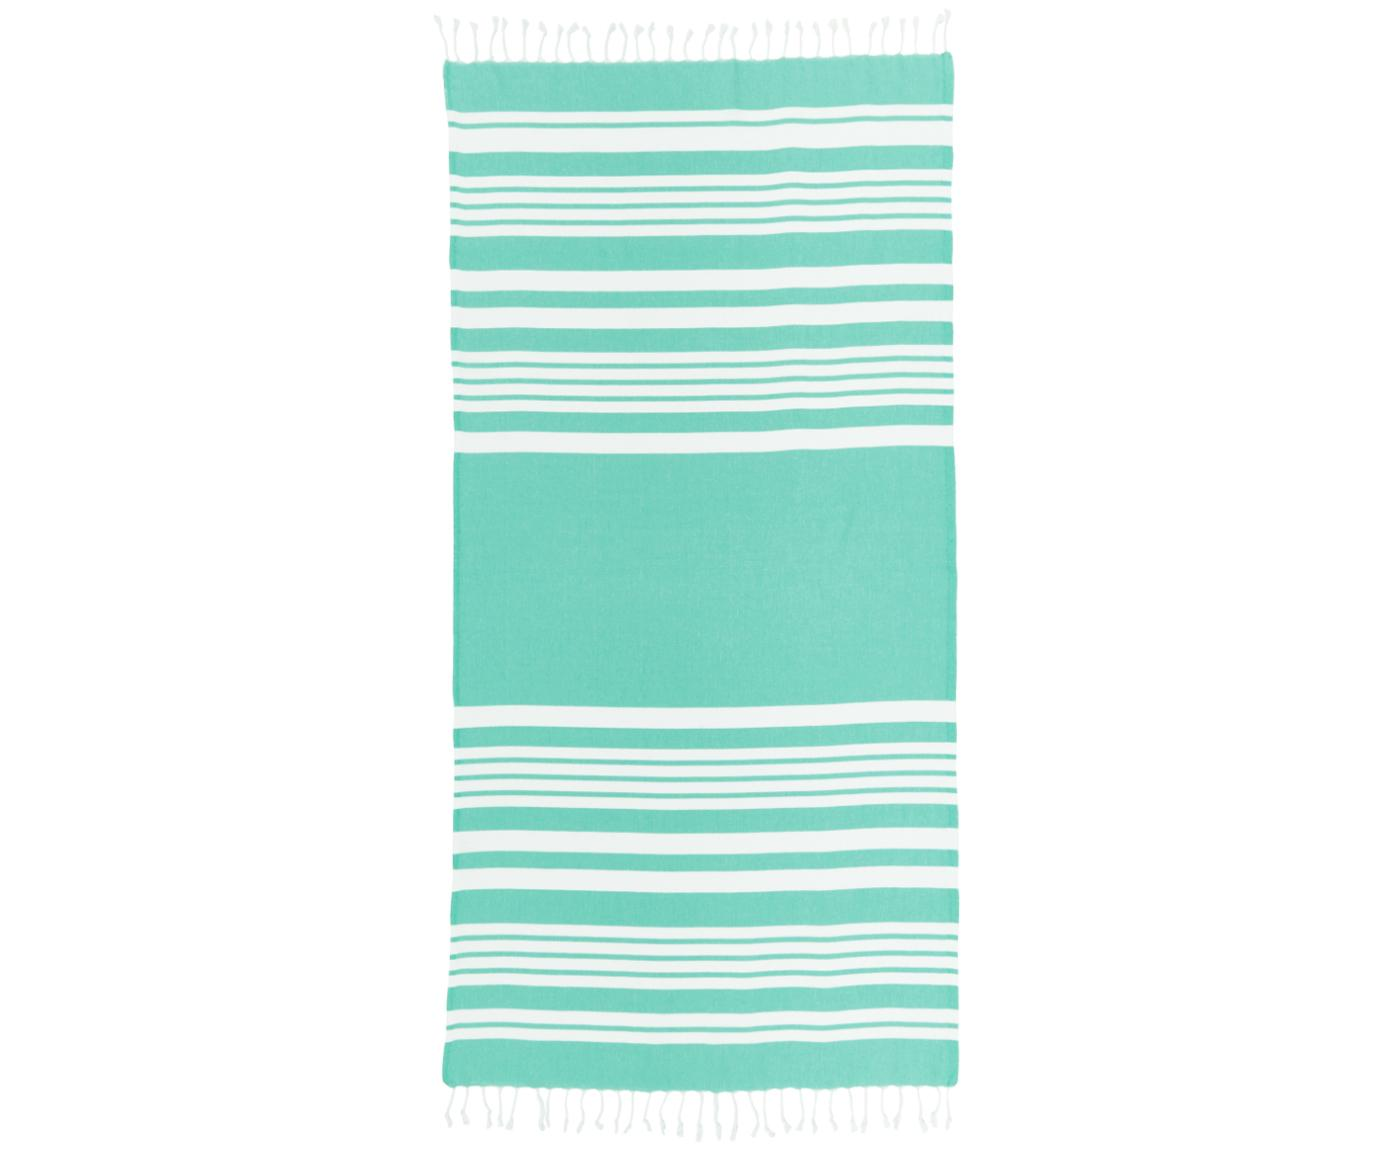 Gestreiftes Hamamtuch Stripy mit Fransenabschluss, 100% Baumwolle Sehr leichte Qualität, 185 g/m², Türkis, Weiß, 95 x 175 cm